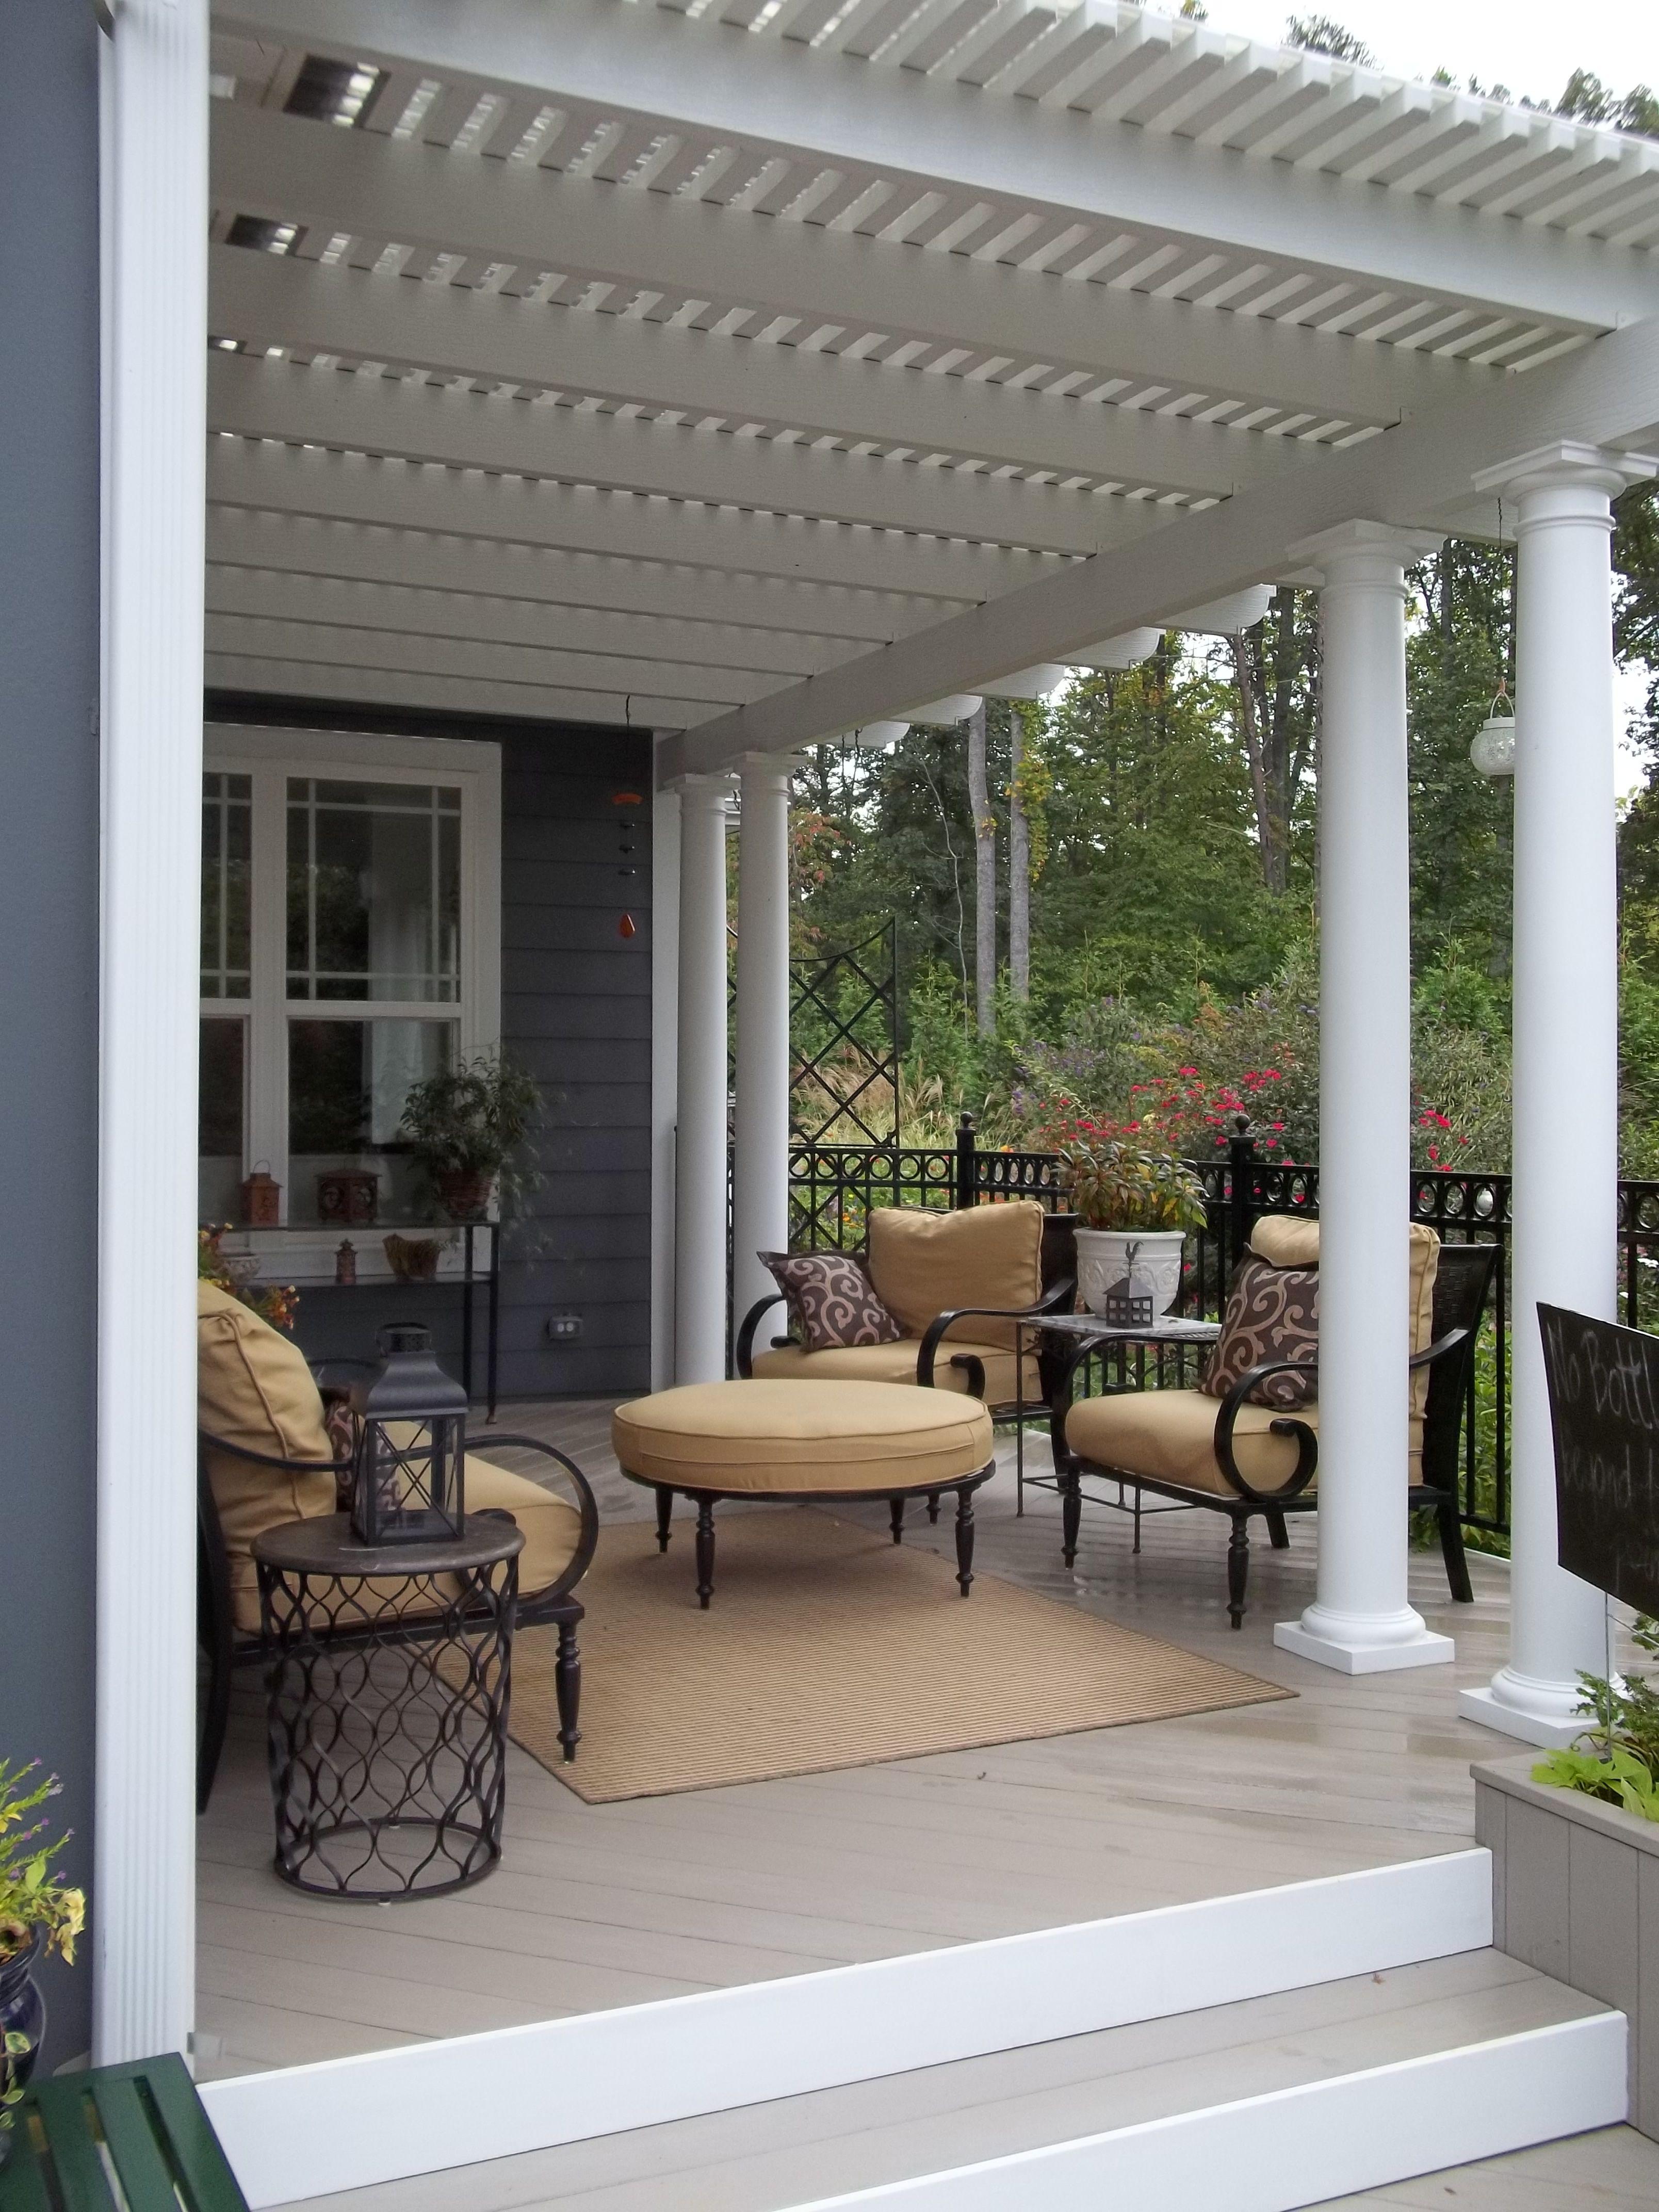 I Love This Aluminum Pergola With Polycarbonate Roof To Keep The Rain Off Aluminum Pergola Patio Design Pergola Patio